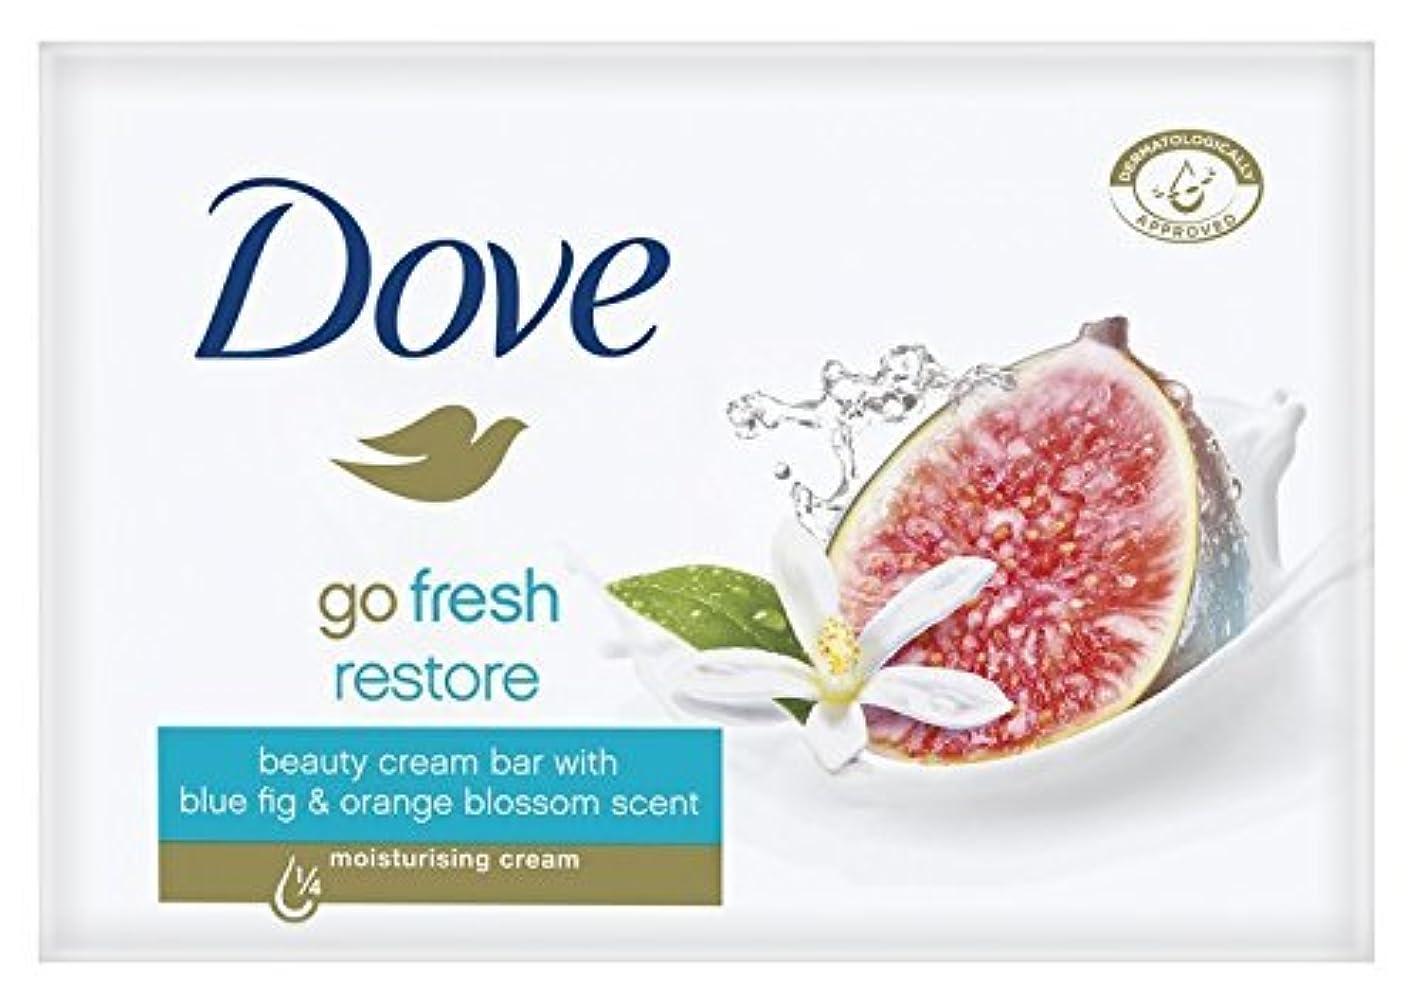 と闘うエイズ健康的Dove Go Fresh Restore Beauty Bar Soap 3.5 Oz / 100 Gr (Pack of 12 Bars) by Dove [並行輸入品]